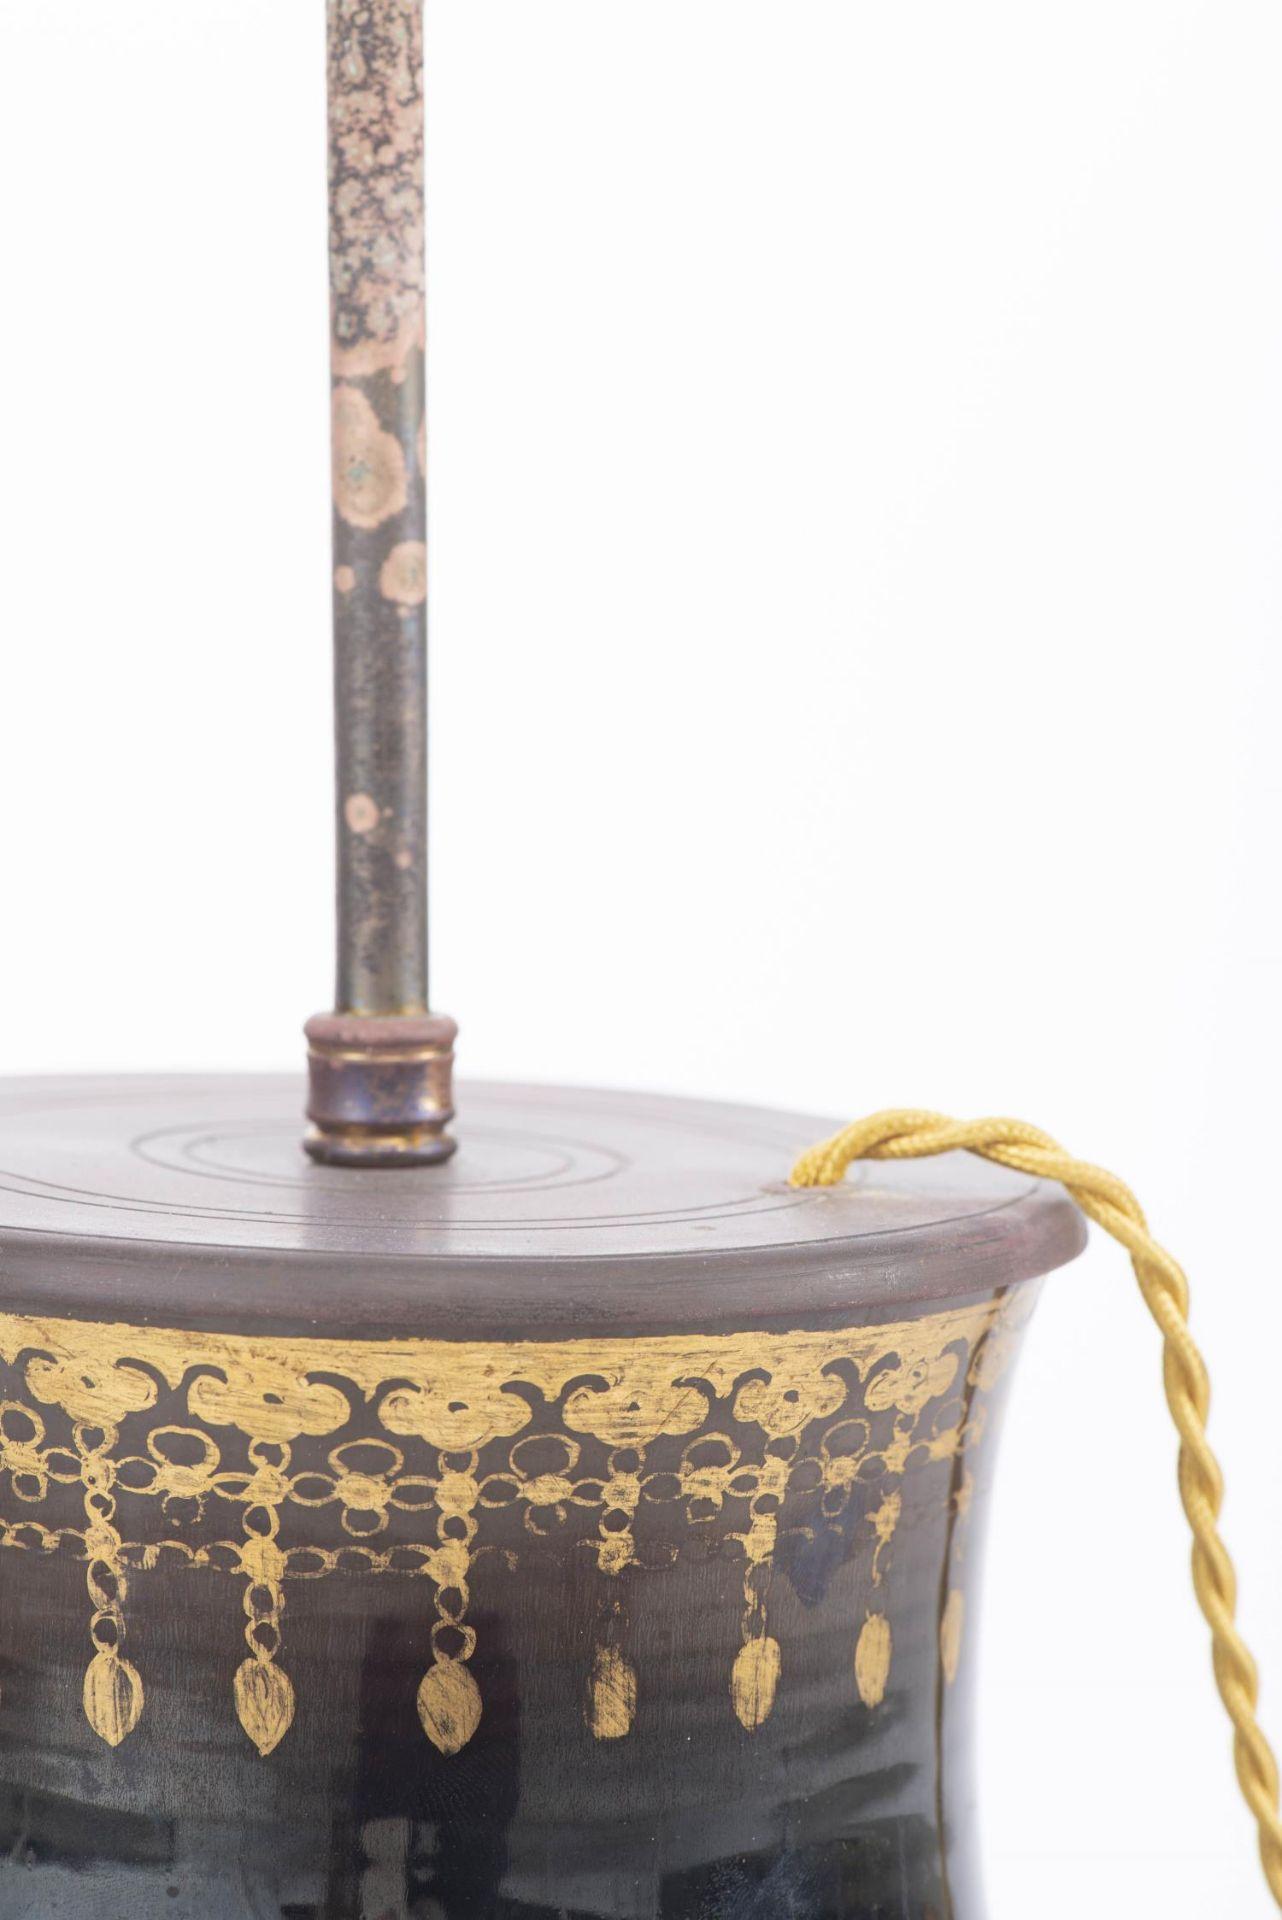 Lampe de table à pied en porcelaine de Chine - Image 11 of 20